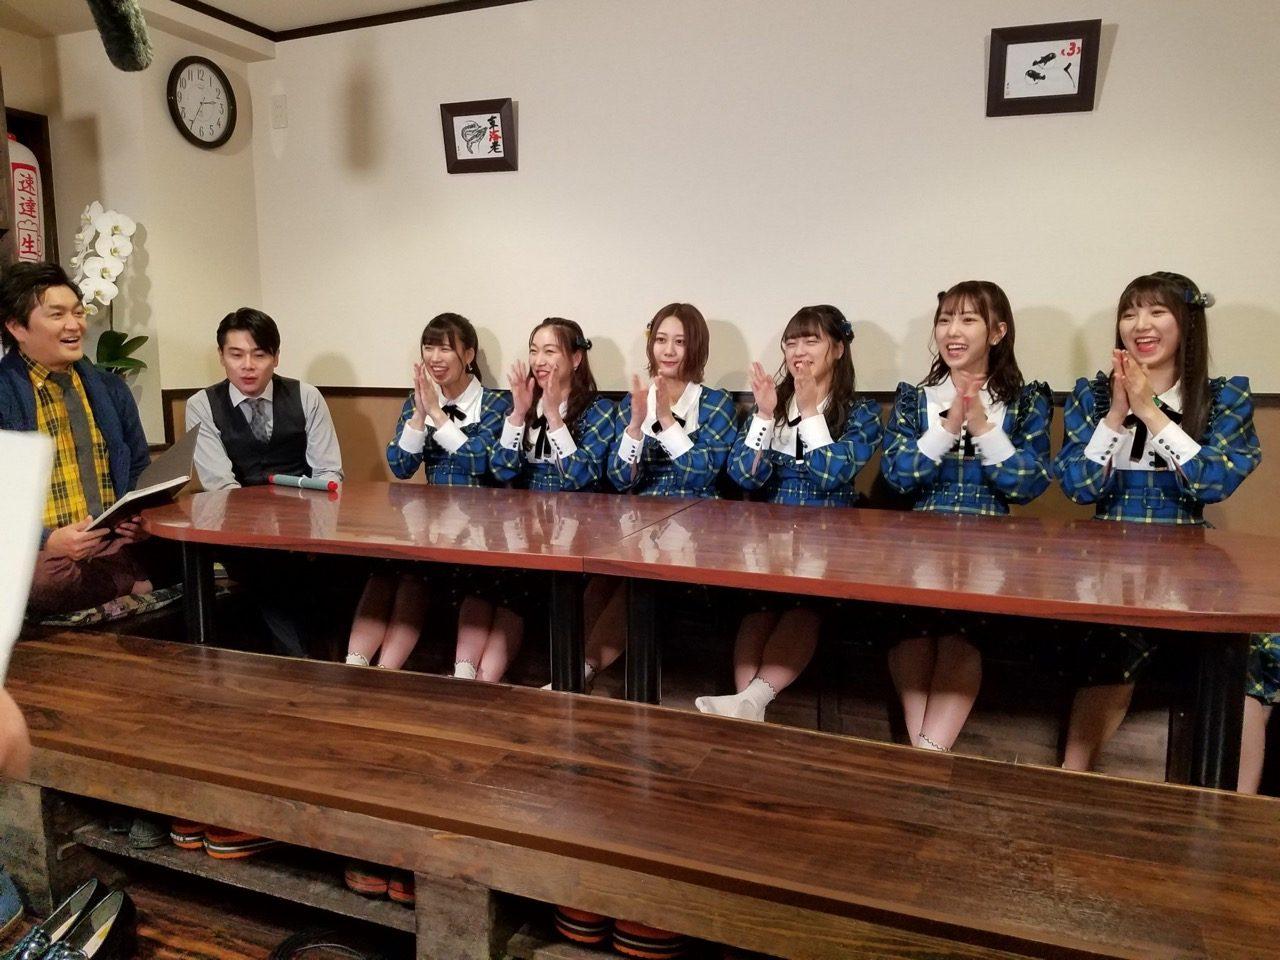 「SKE48 むすびのイチバン!」ニューシングルヒット祈願!様々なイチバンを体験 [12/11 24:25~]